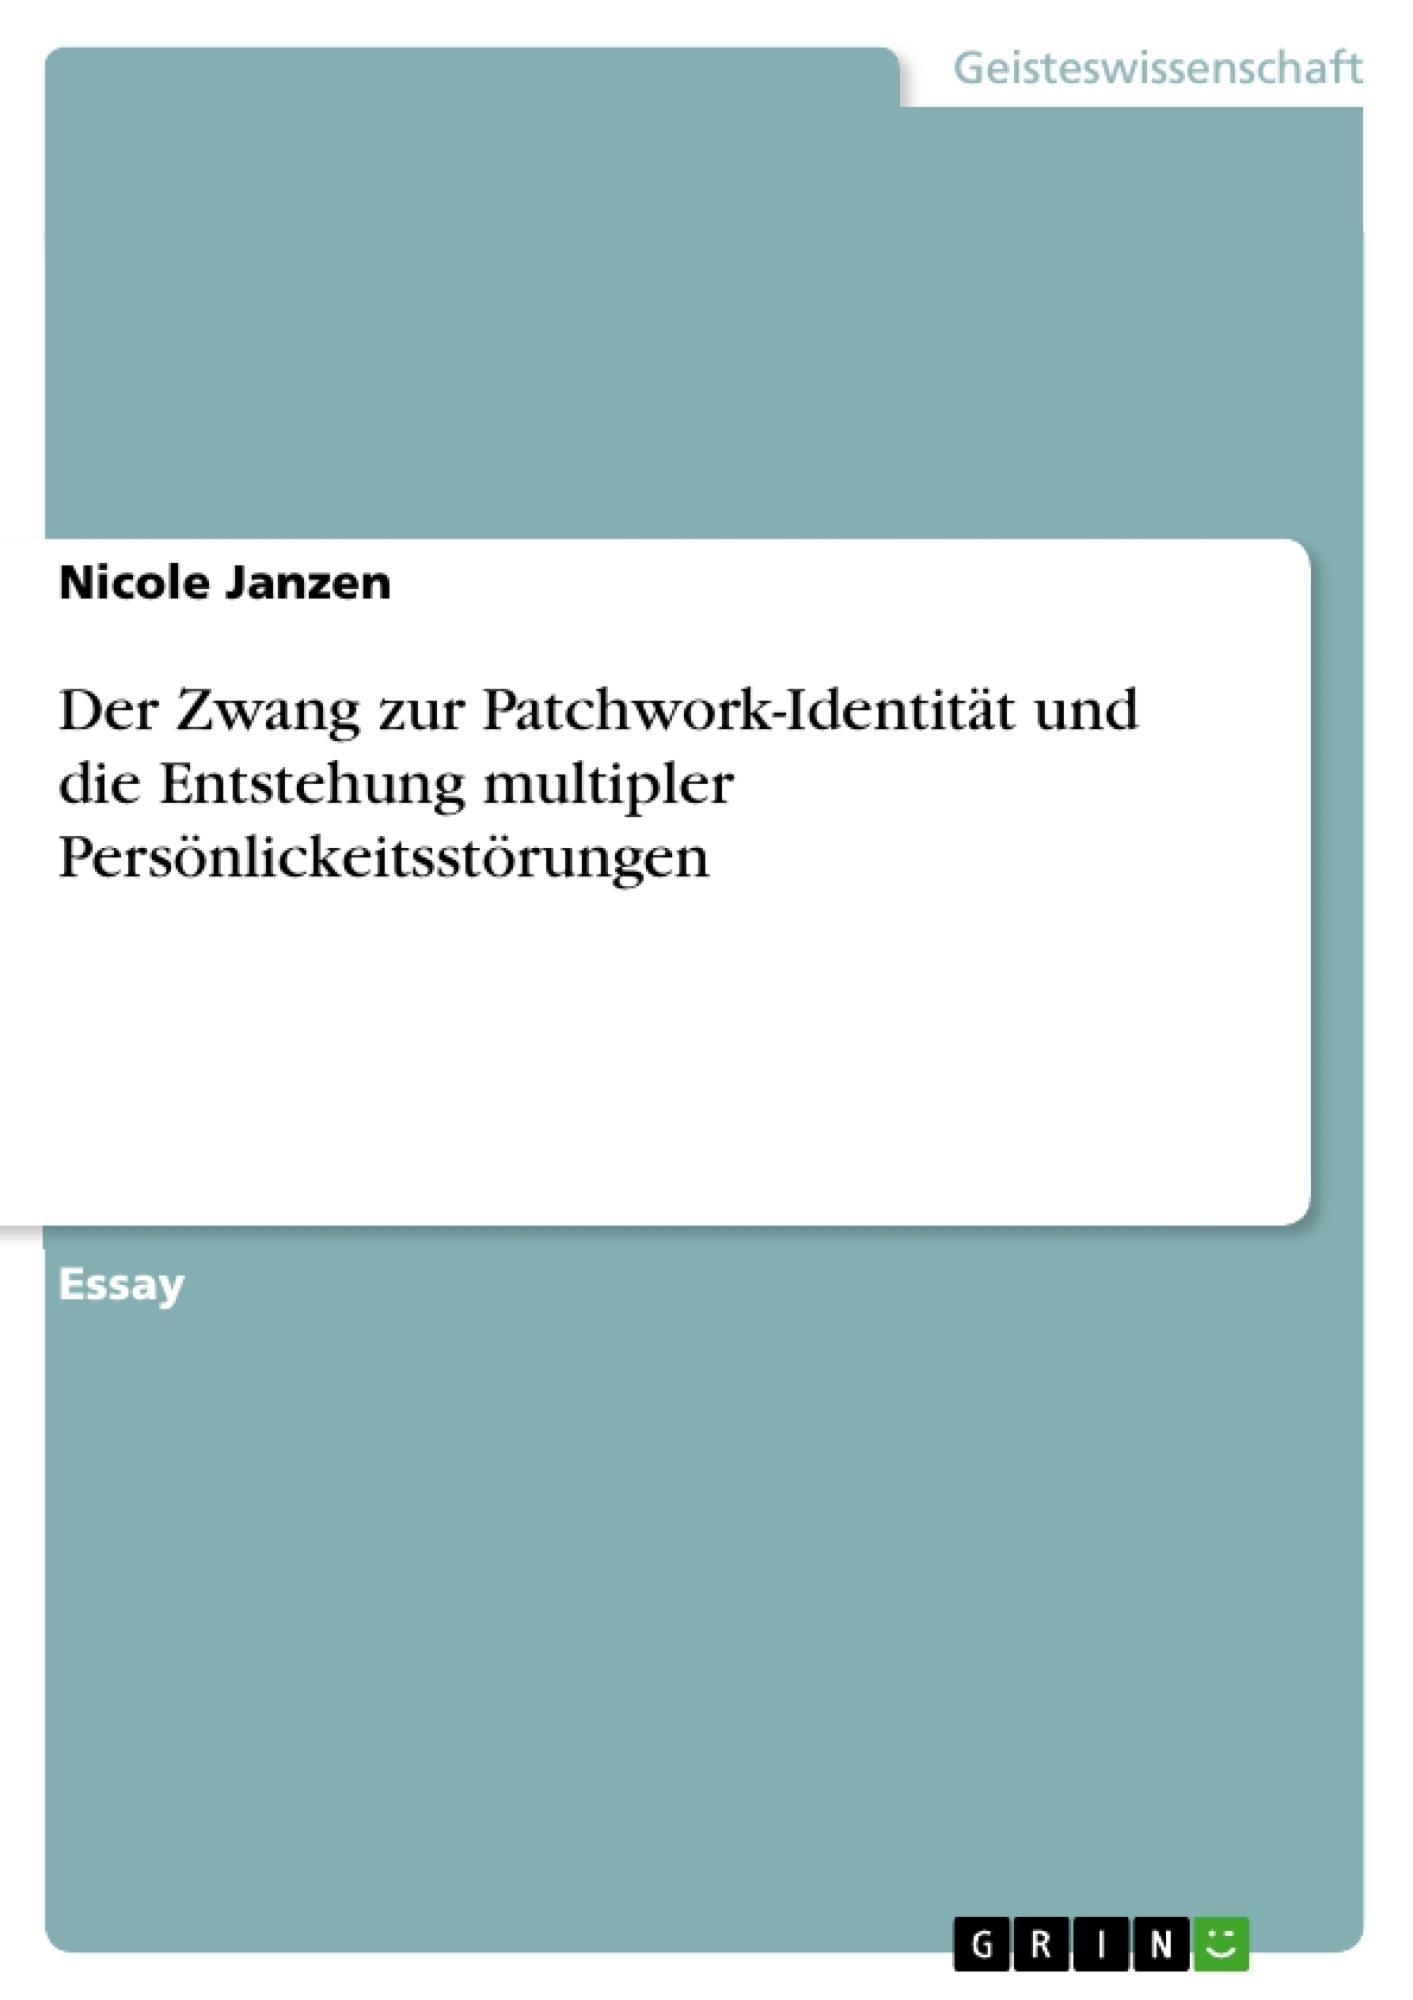 Titel: Der Zwang zur Patchwork-Identität und die Entstehung multipler Persönlickeitsstörungen